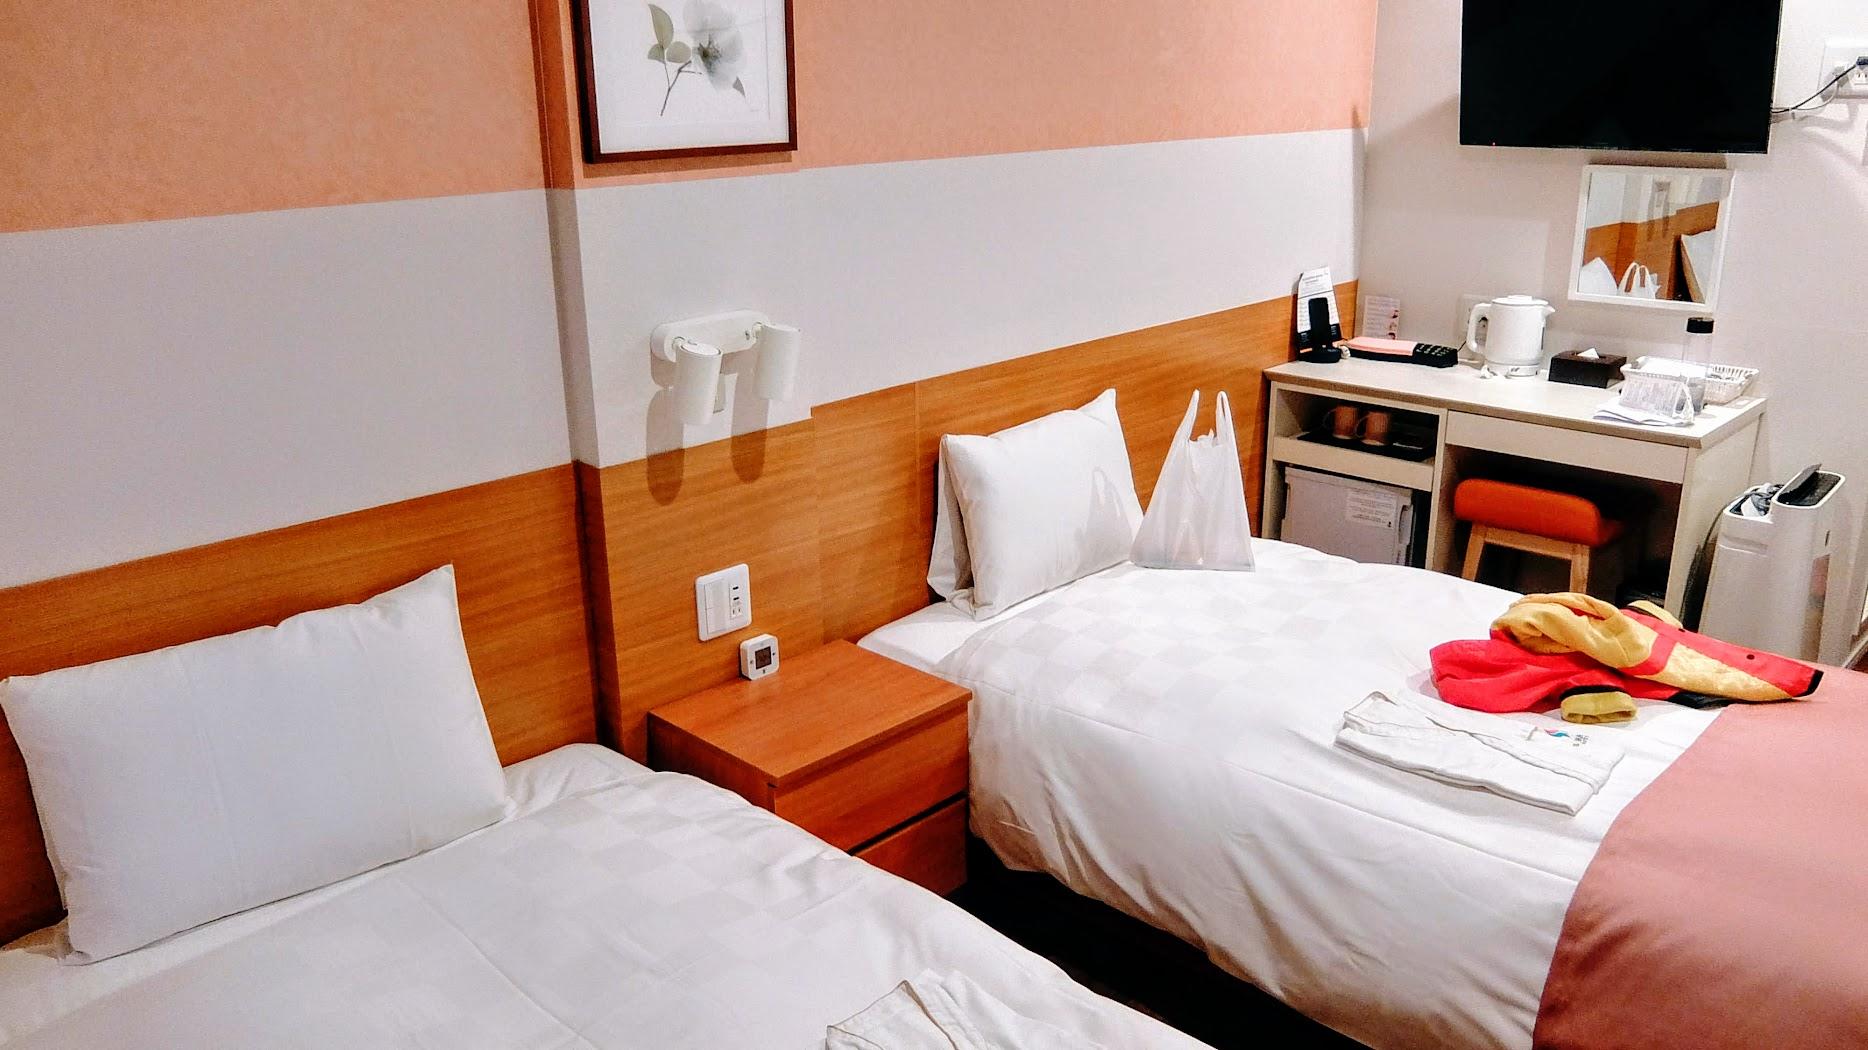 我們這次是訂二張床的房型,有電視/冰箱/加濕型空氣濾清器,該有的配備都有了....床頗軟的,棉被也很暖活喔